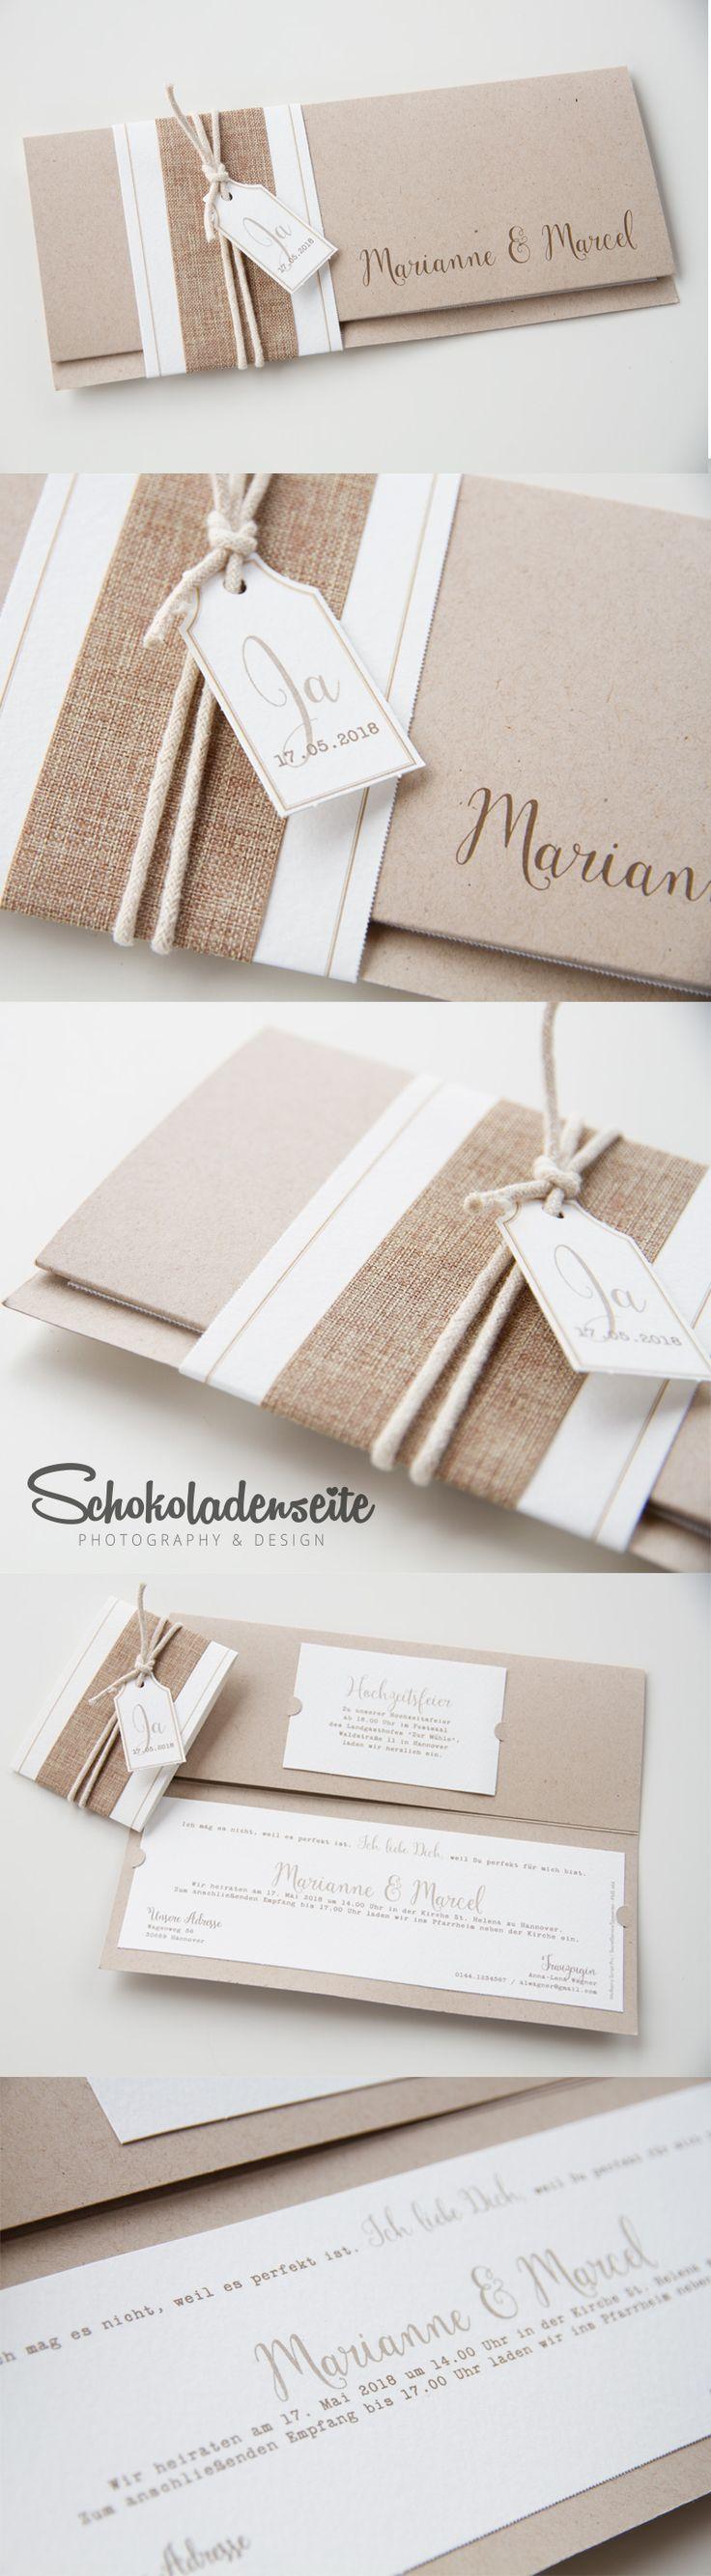 Ihr Mäuse, hier eine unserer bezaubernden Kraftkartonkarten. <3 Mit vielen kleinen Details, hochwertigen Papieren und rustikalen Bändern ist sie ein absolutes Highlight. <3 #wedding #weddinginvitation #schokoladenseitekarten #love #beautiful #invitation #font